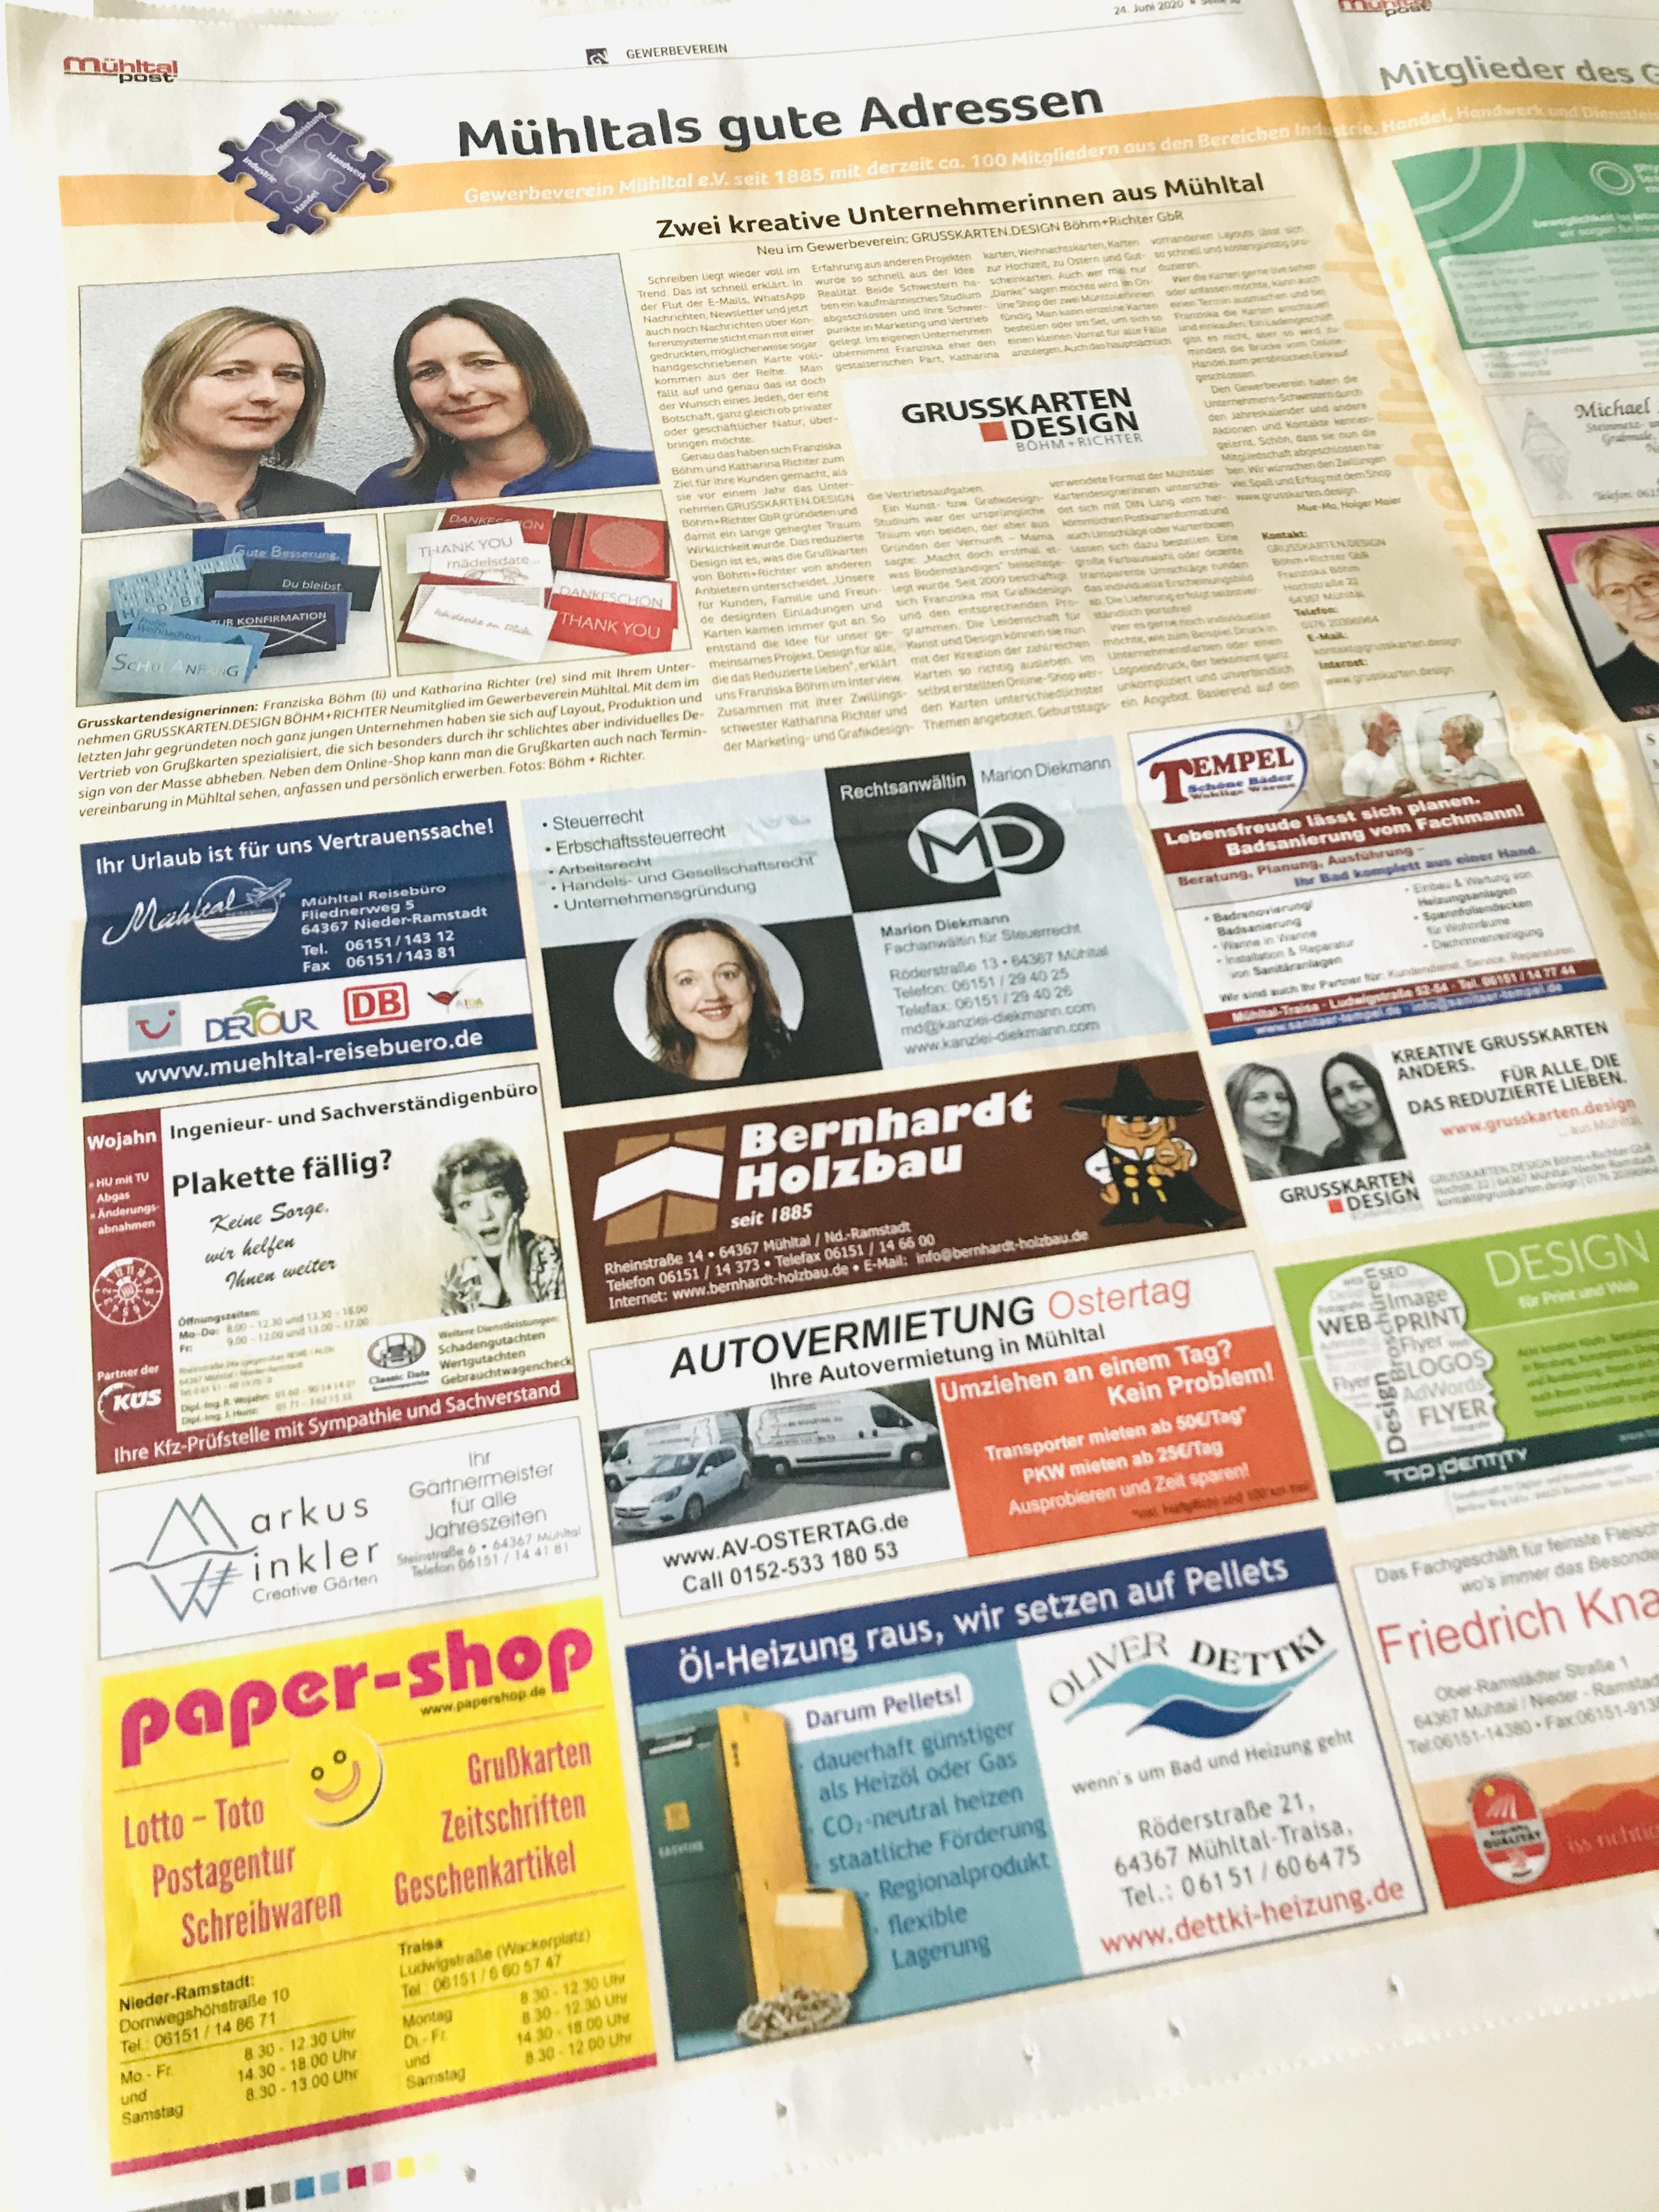 Blog_Bericht_M-hltalpost_grusskarten-design_Gewerbeverein-M-hltal-e-V-_top-identityvYdAztjfTWfnc